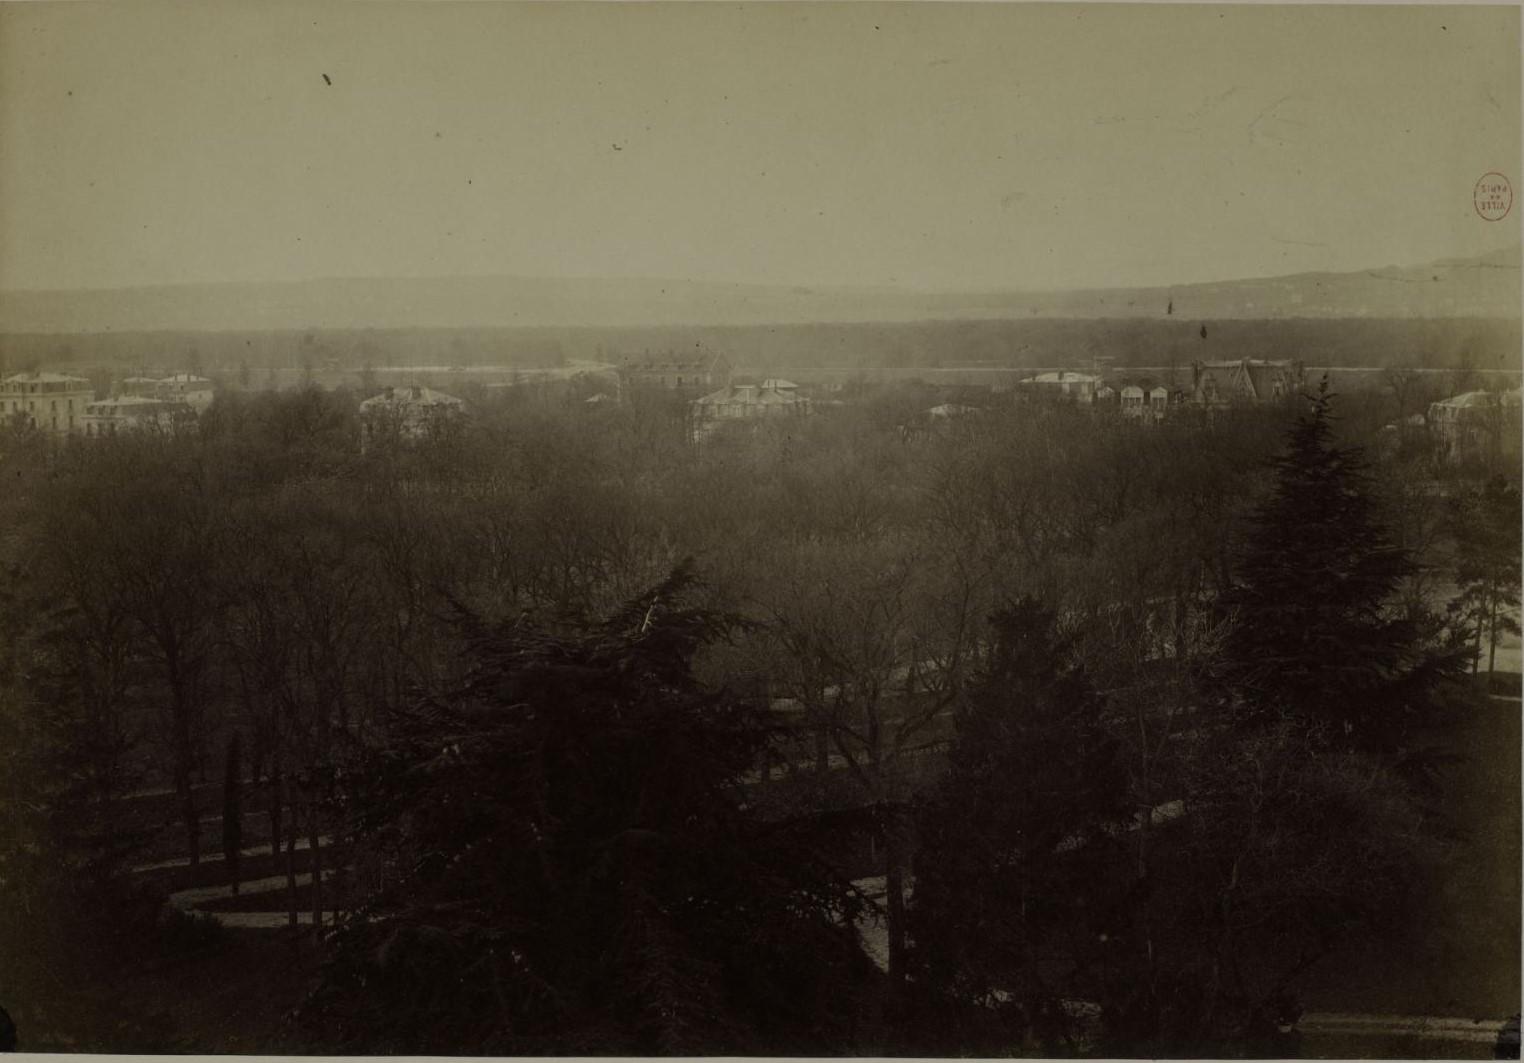 Снимки из Шато де ла Мюетт, XVI округ, 24 - 26 ноября. Городской пейзаж. Направление: Парк де Монтрету в Сен-Клу, Бузенваль, Марли